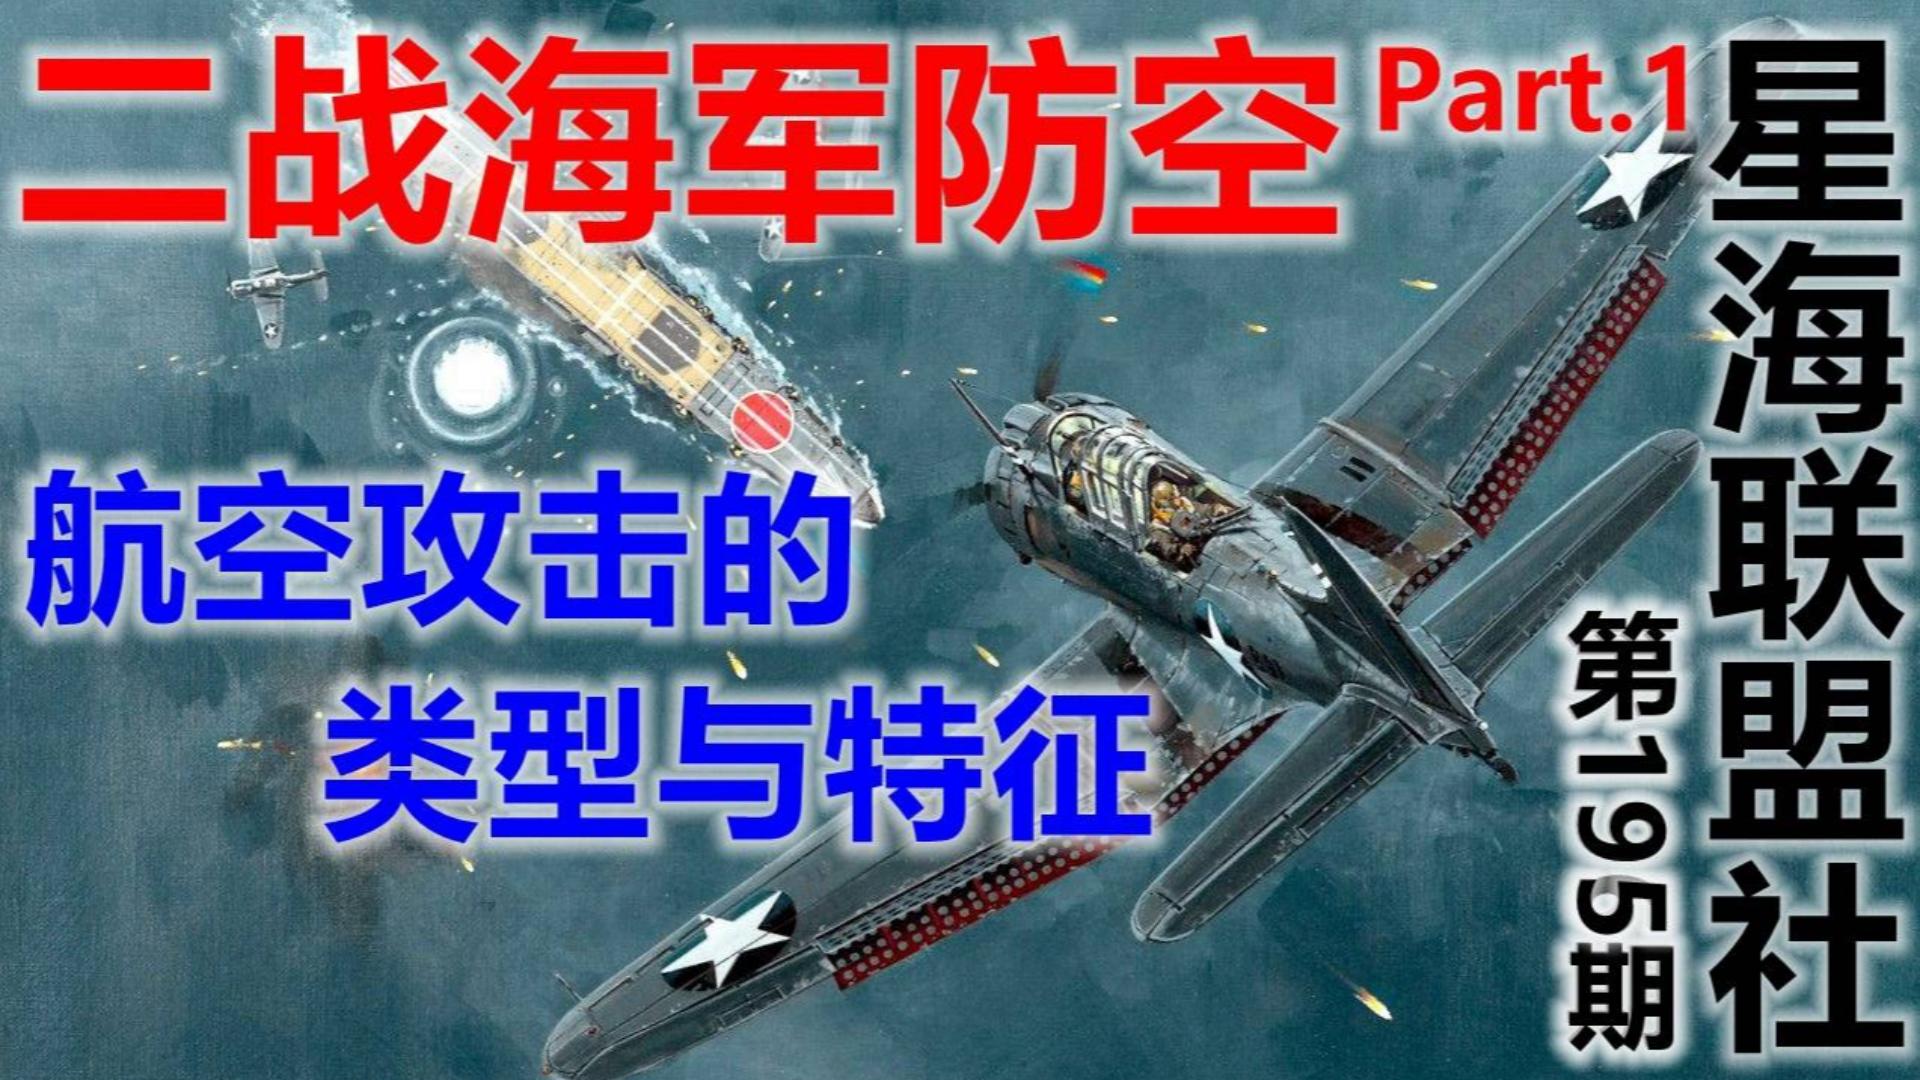 【星海社/第195期】二战海军防空 01:航空攻击的类型与特征